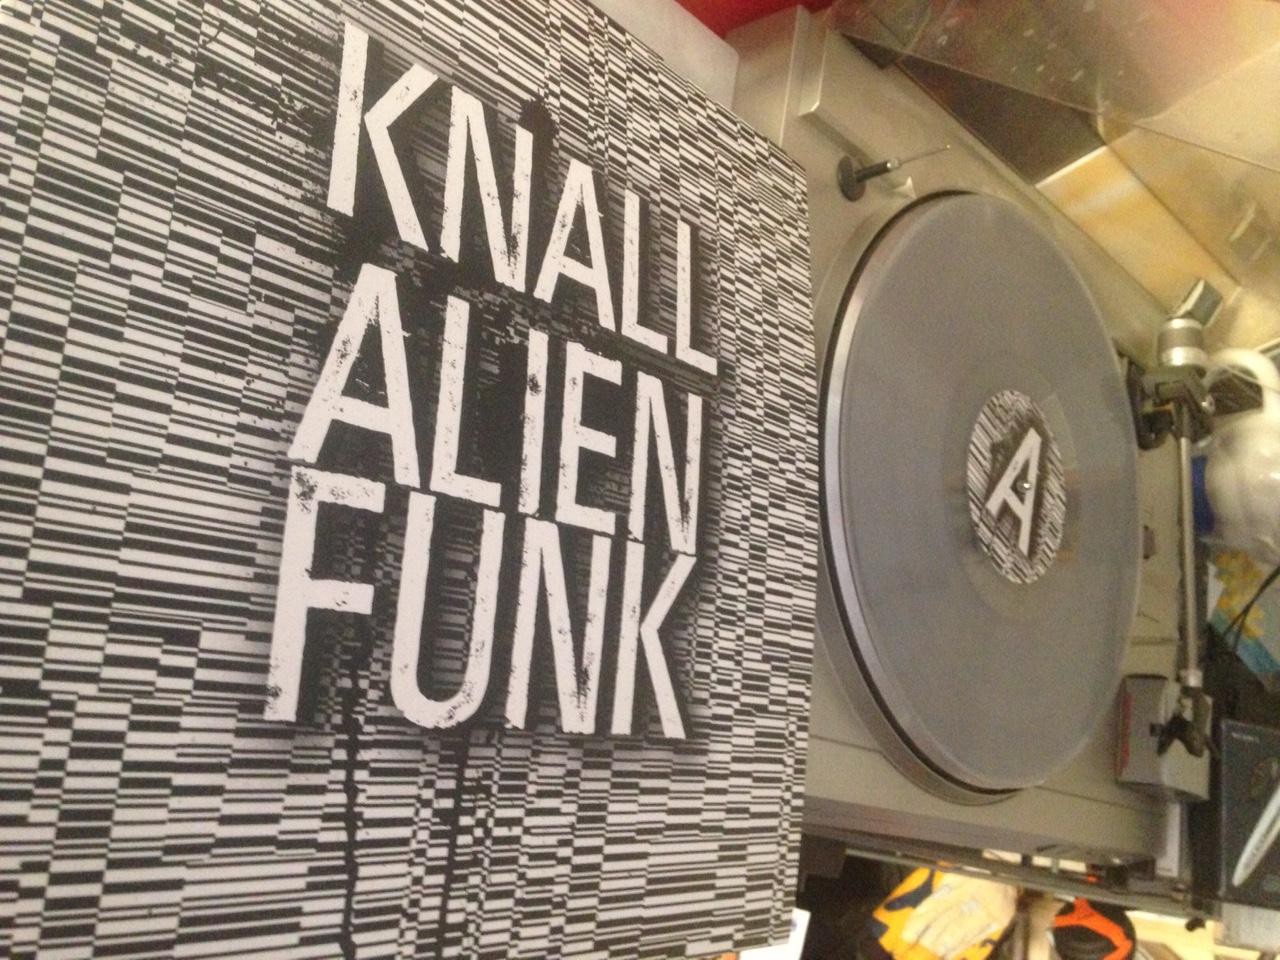 Knall-AlienFunkverkehr-gedreht